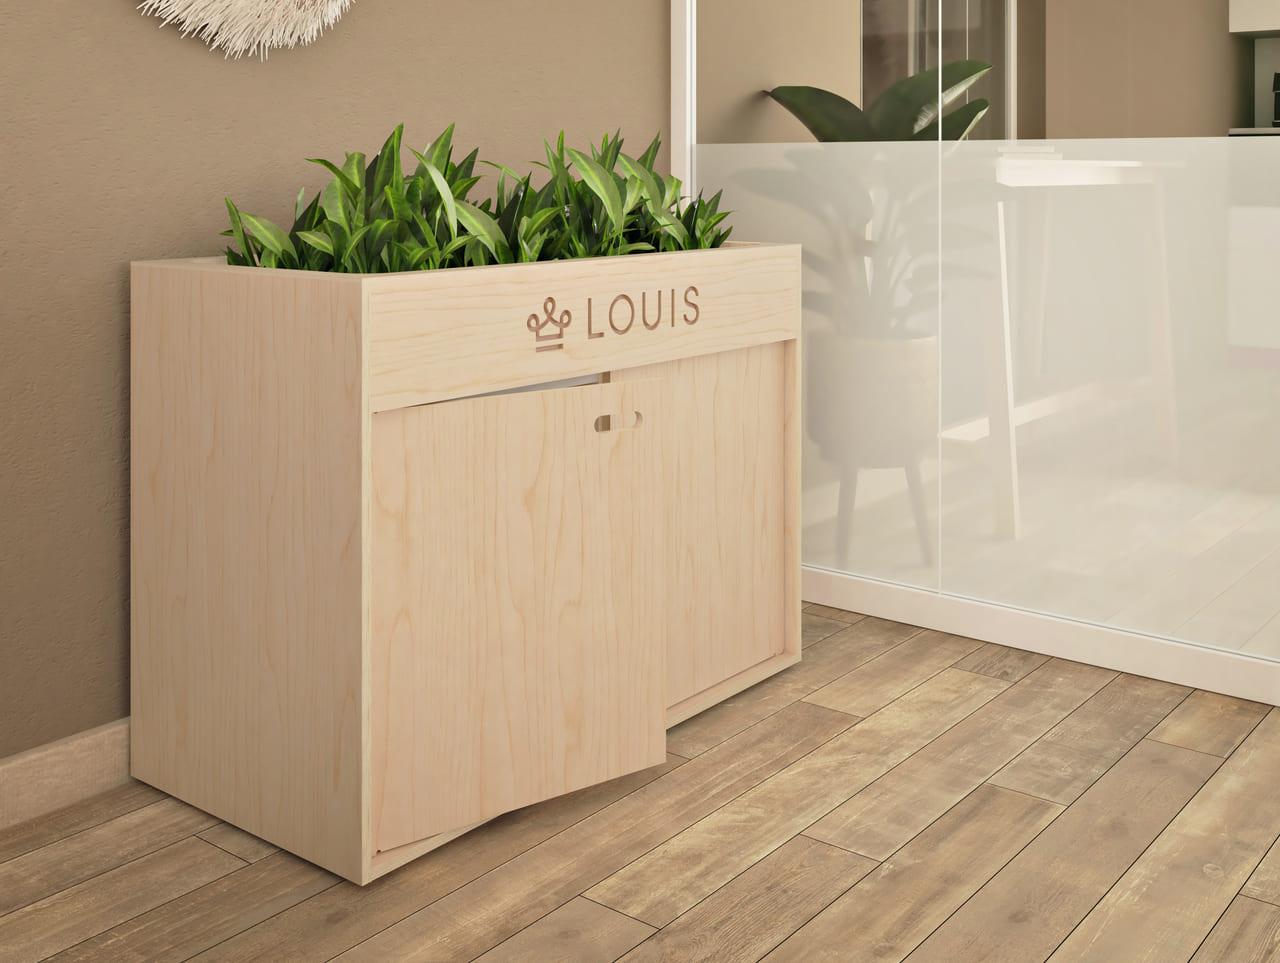 Armoire de rangement en bois disposée dans une salle de réunion à l'ambiance bohème et ethnique et personnalisée avec des plantes vertes et la gravure du logo de l'entreprise LOUIS pour une certaine personnalisation